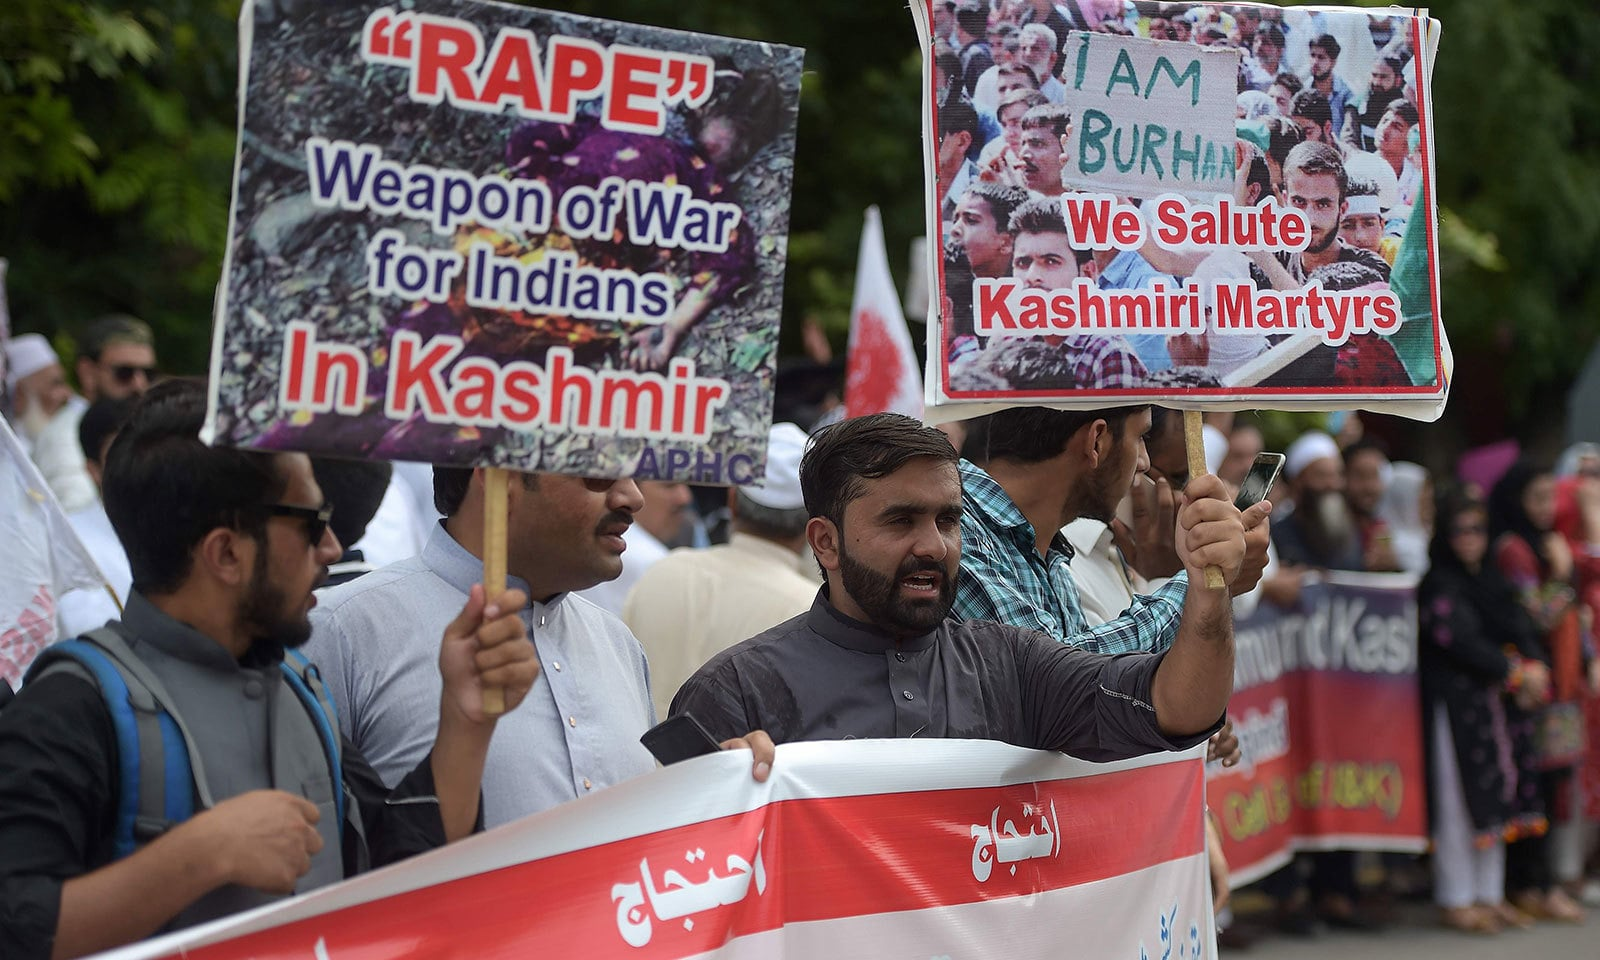 بھارتی فیصلے کے خلاف مختلف شہروں میں مظاہروں میں عوام نے بڑی تعداد میں شرکت کی — فوٹو: اے ایف پی